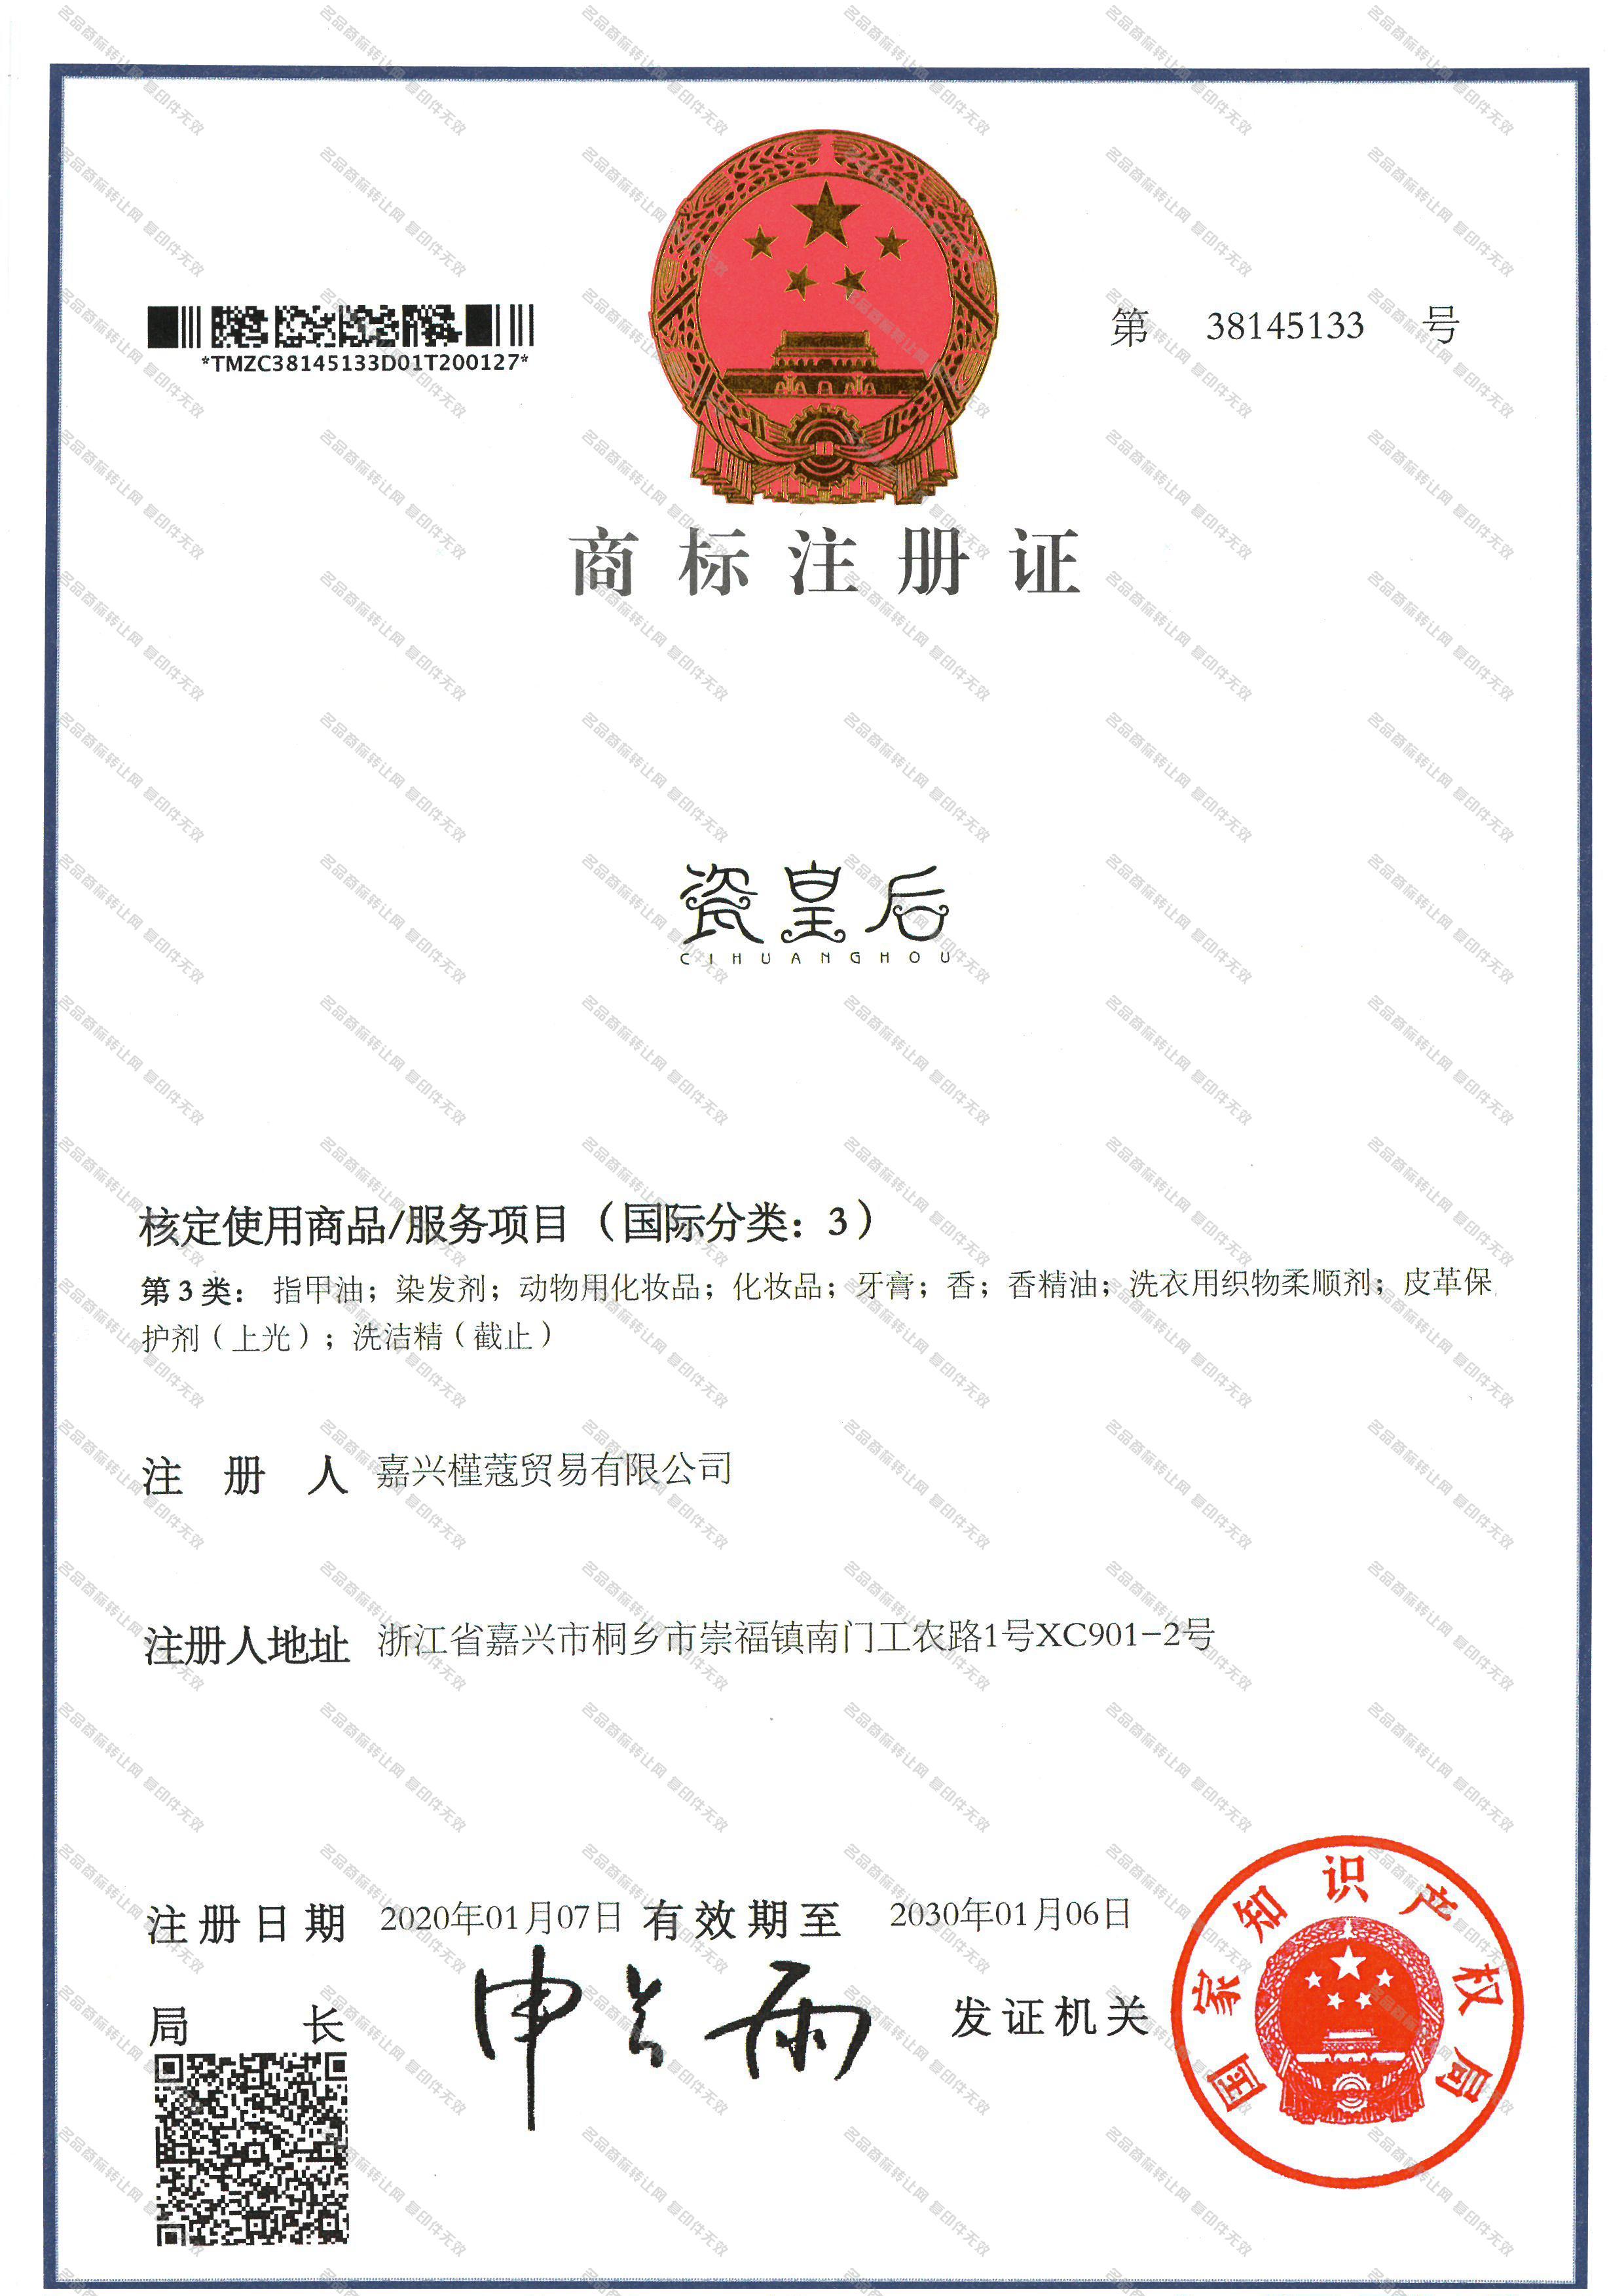 瓷皇后 CIHUANGHOU注册证